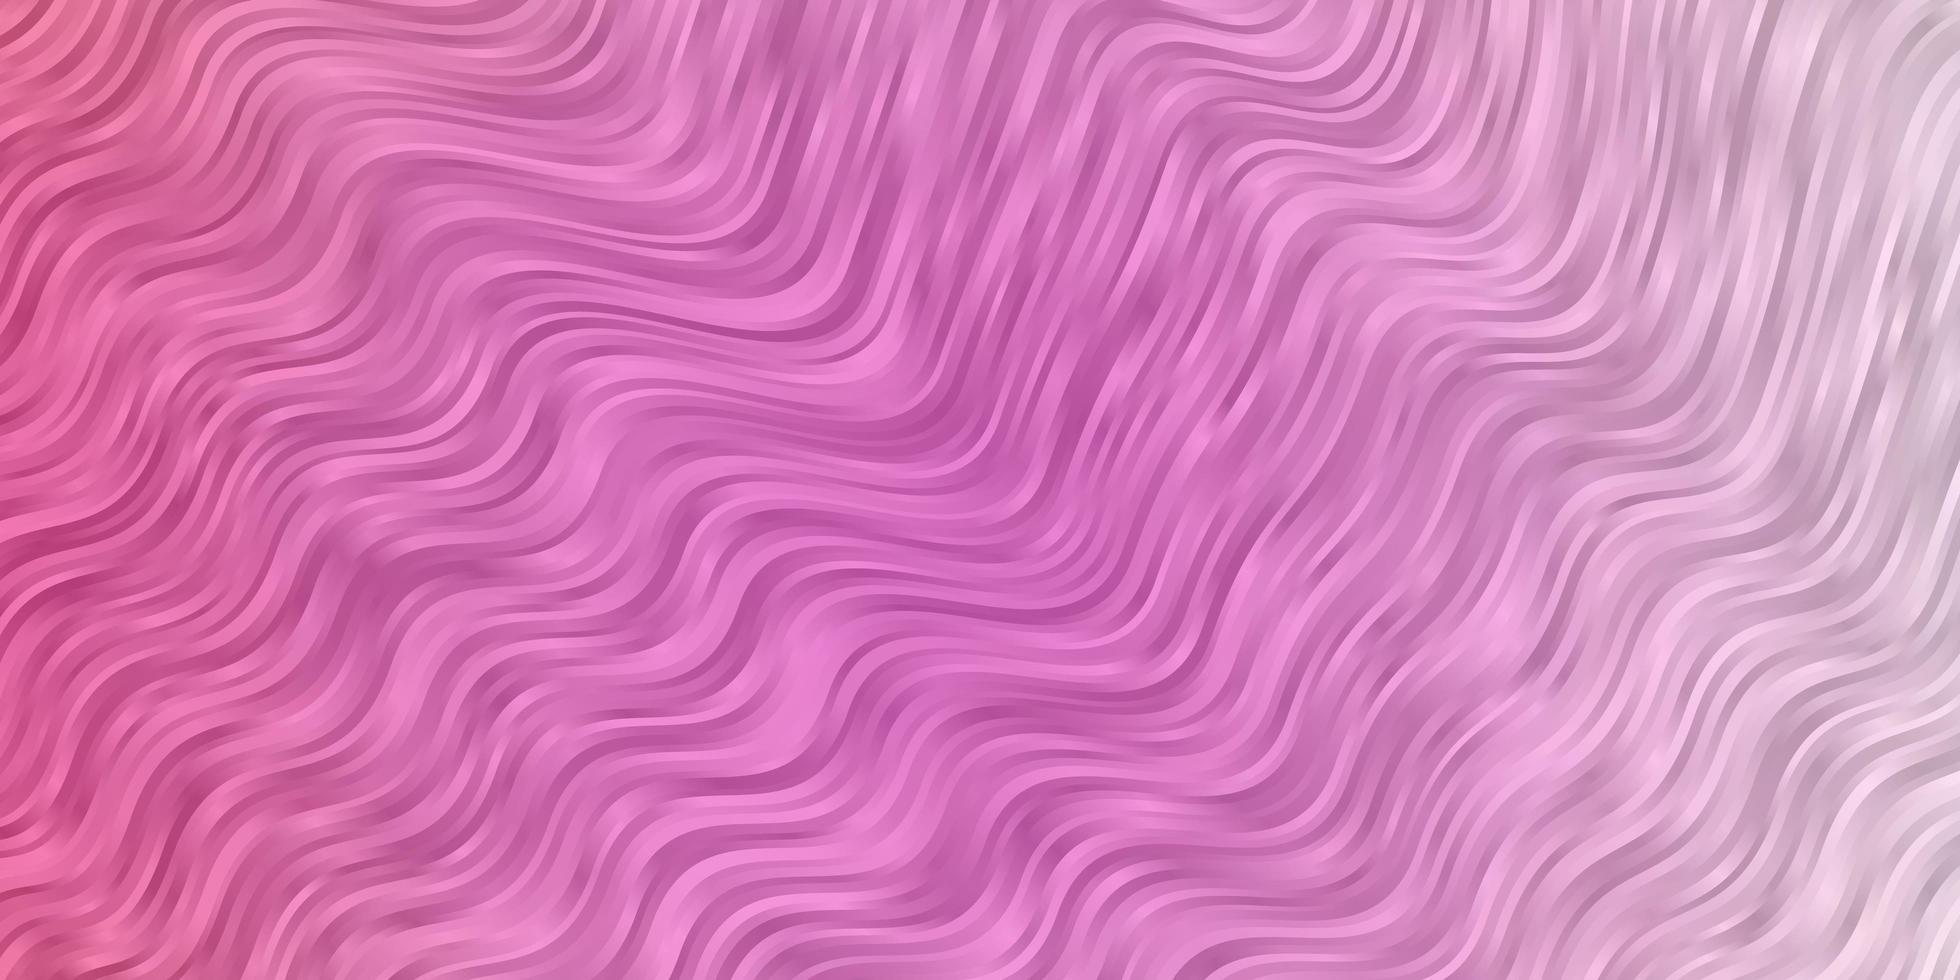 lichtroze achtergrond met gebogen lijnen. vector